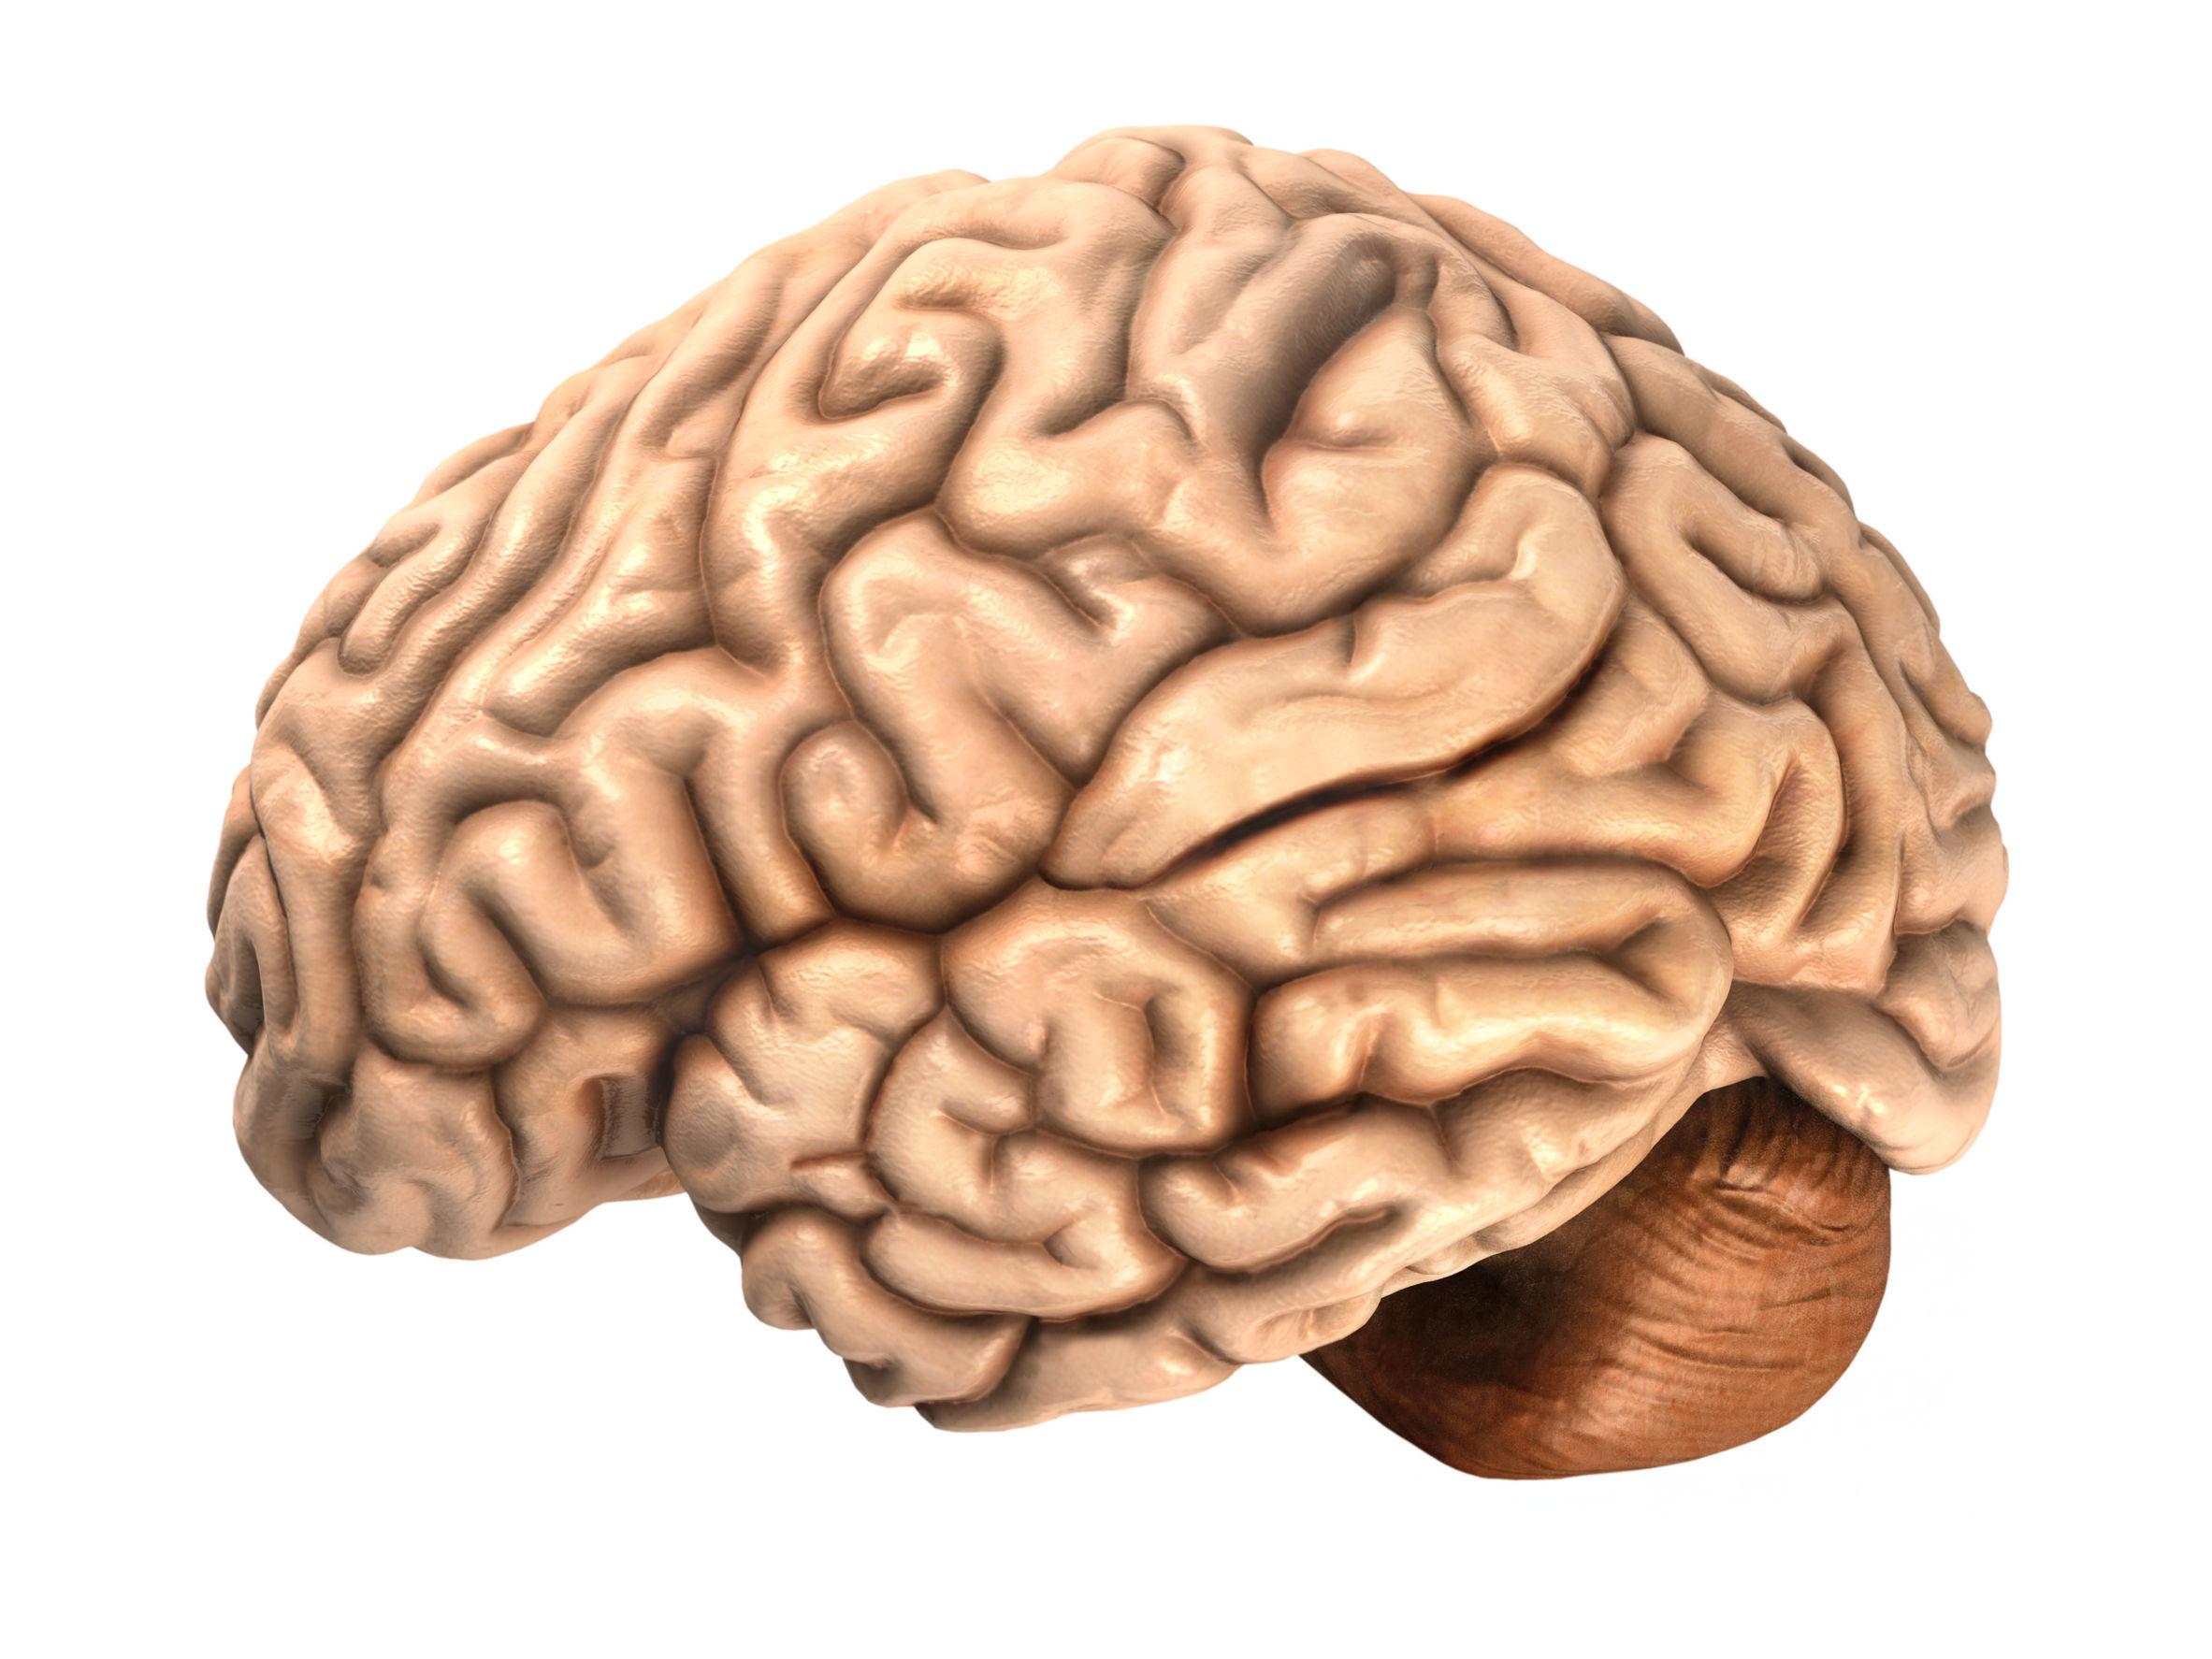 How do you teach mental toughness image 3